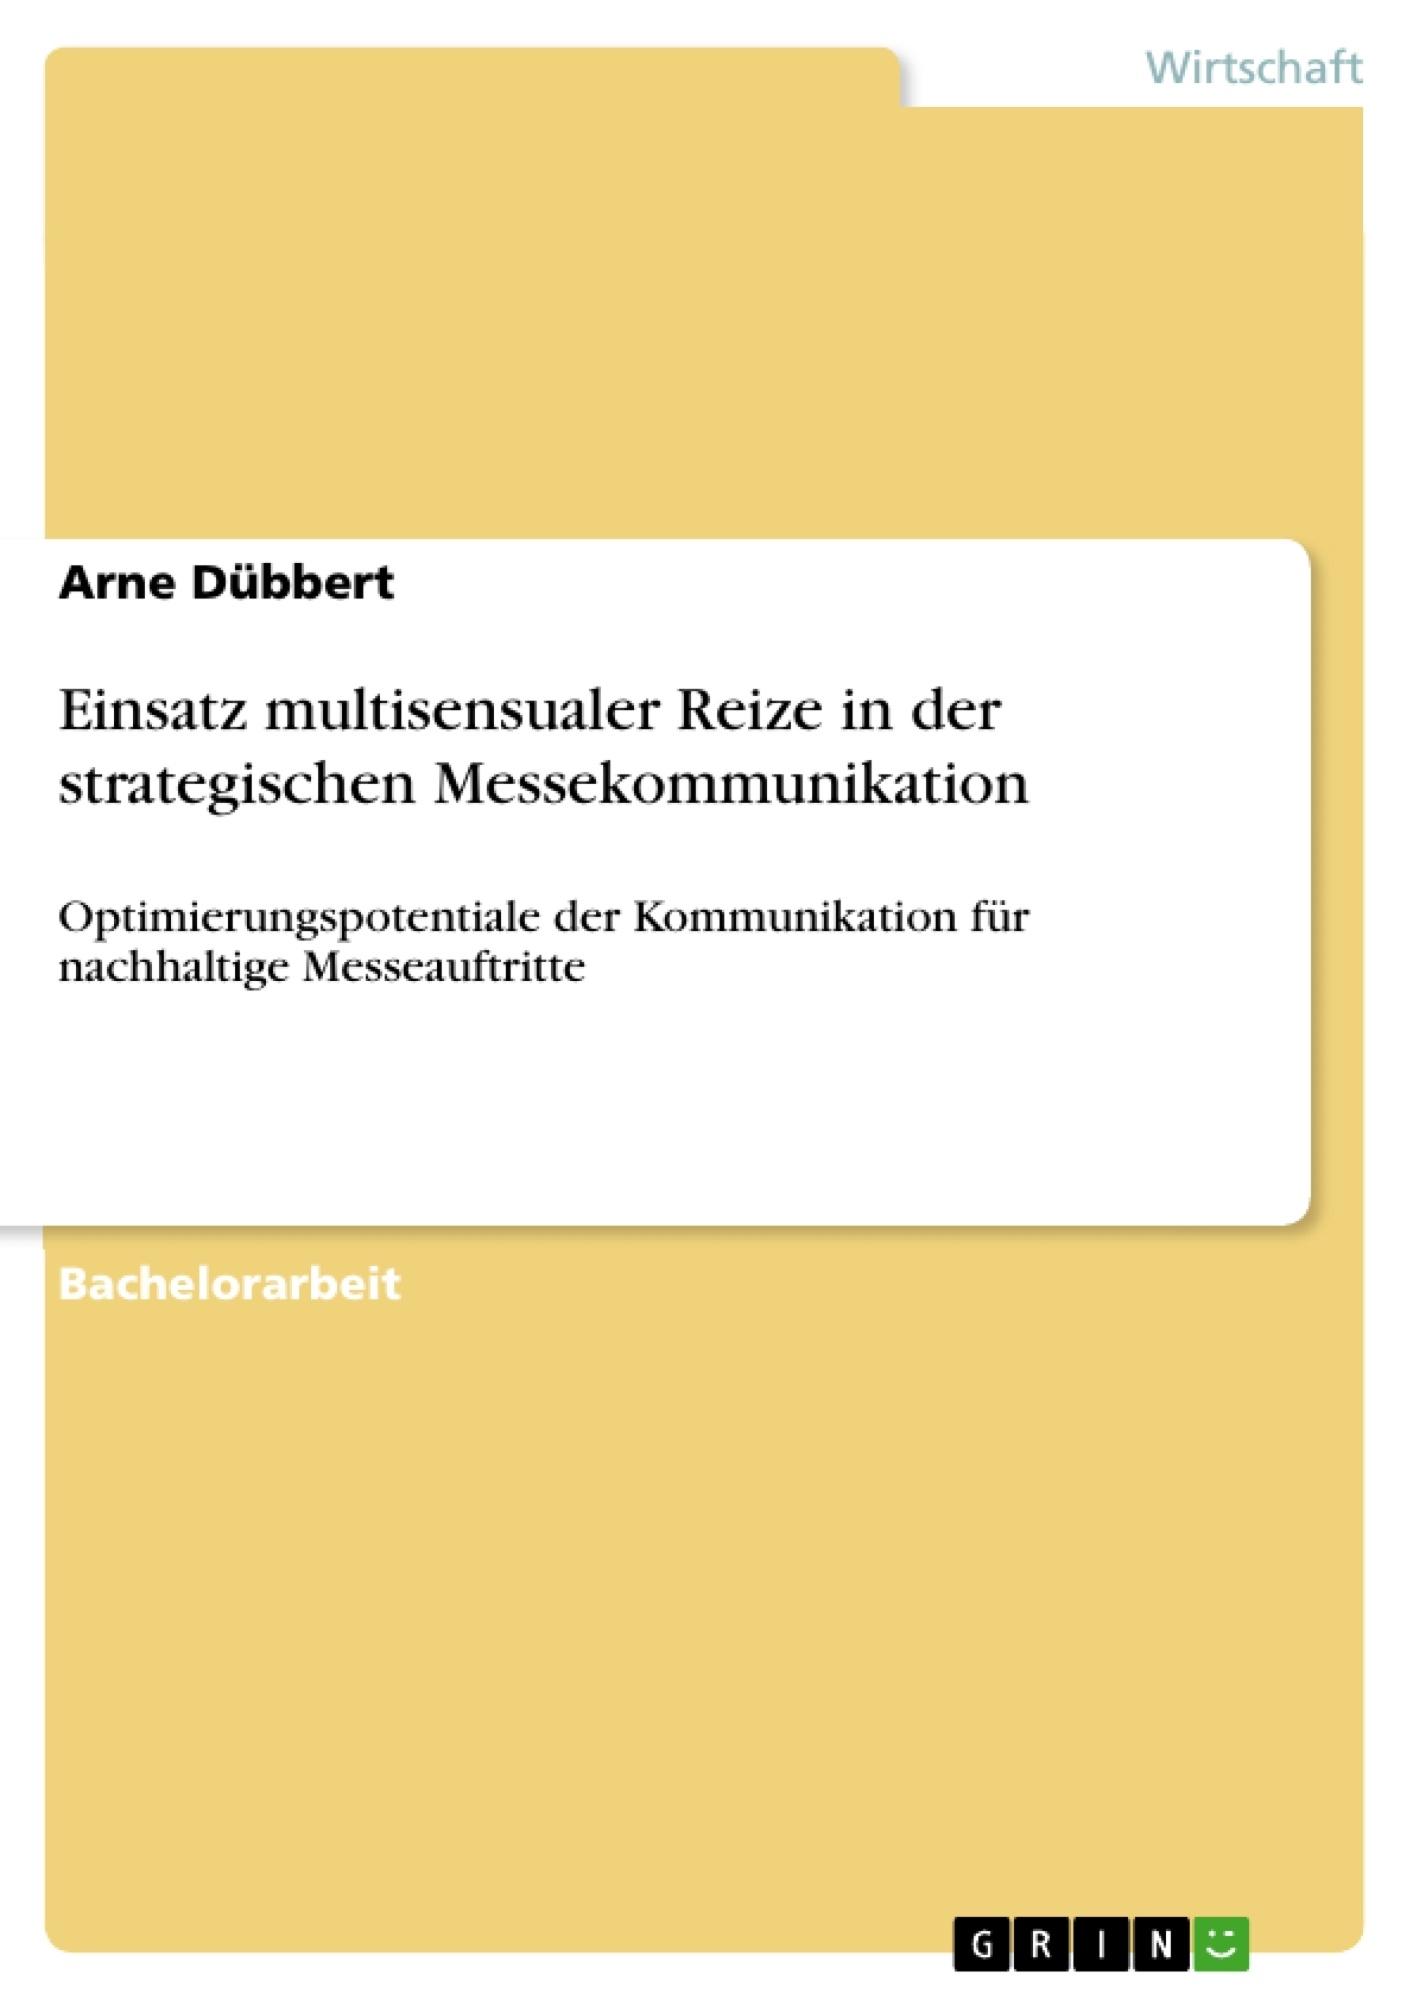 Titel: Einsatz multisensualer Reize in der strategischen Messekommunikation